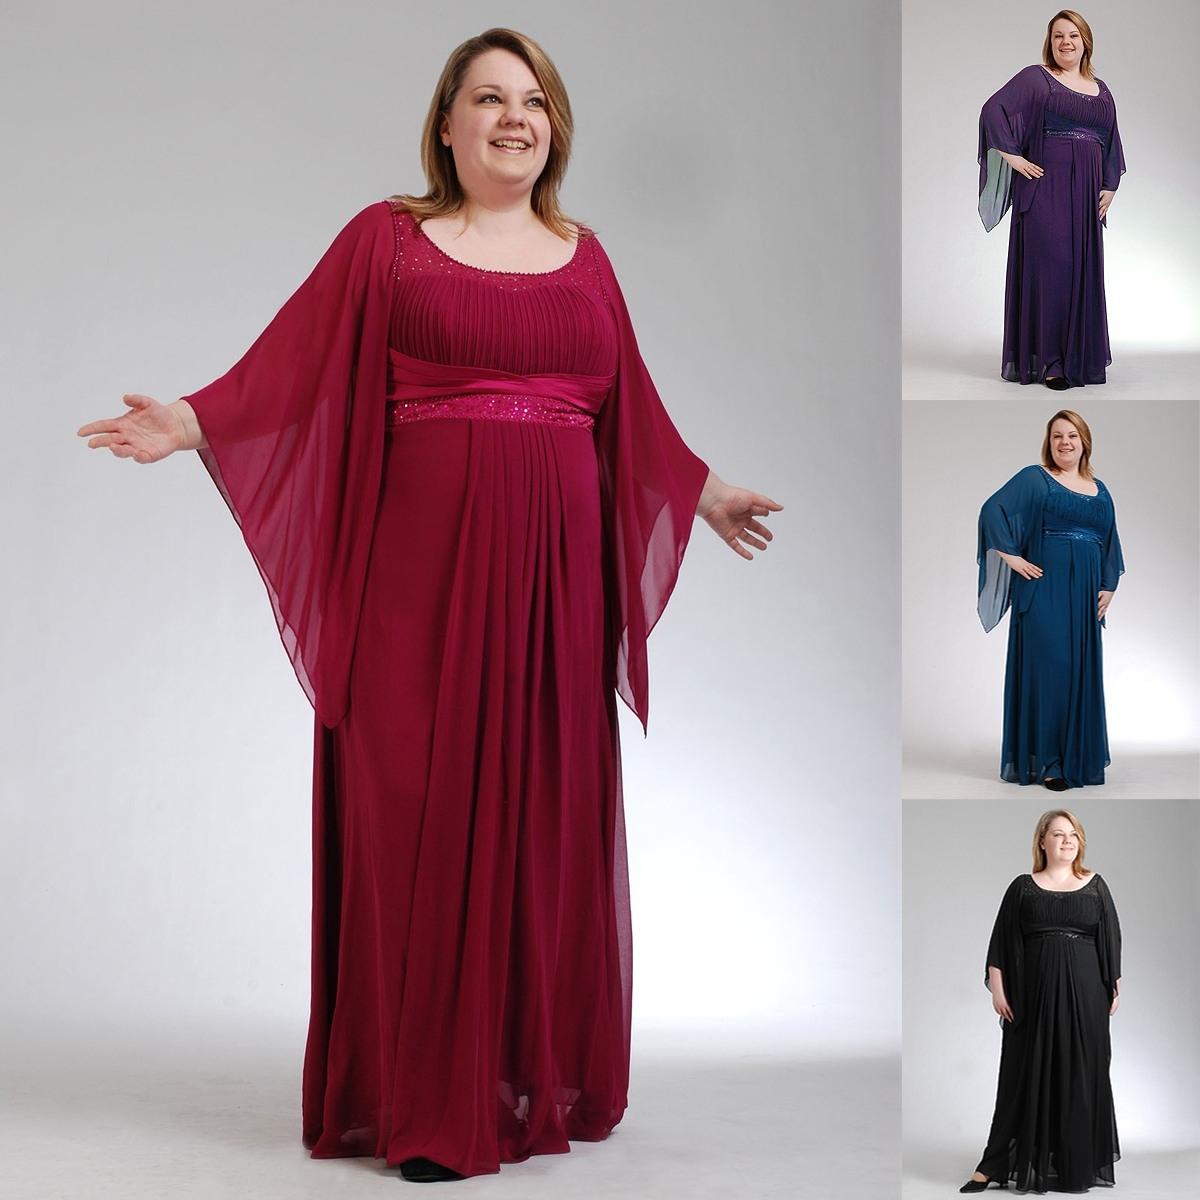 15 Genial Kleider In Größe 50 für 2019 Schön Kleider In Größe 50 für 2019